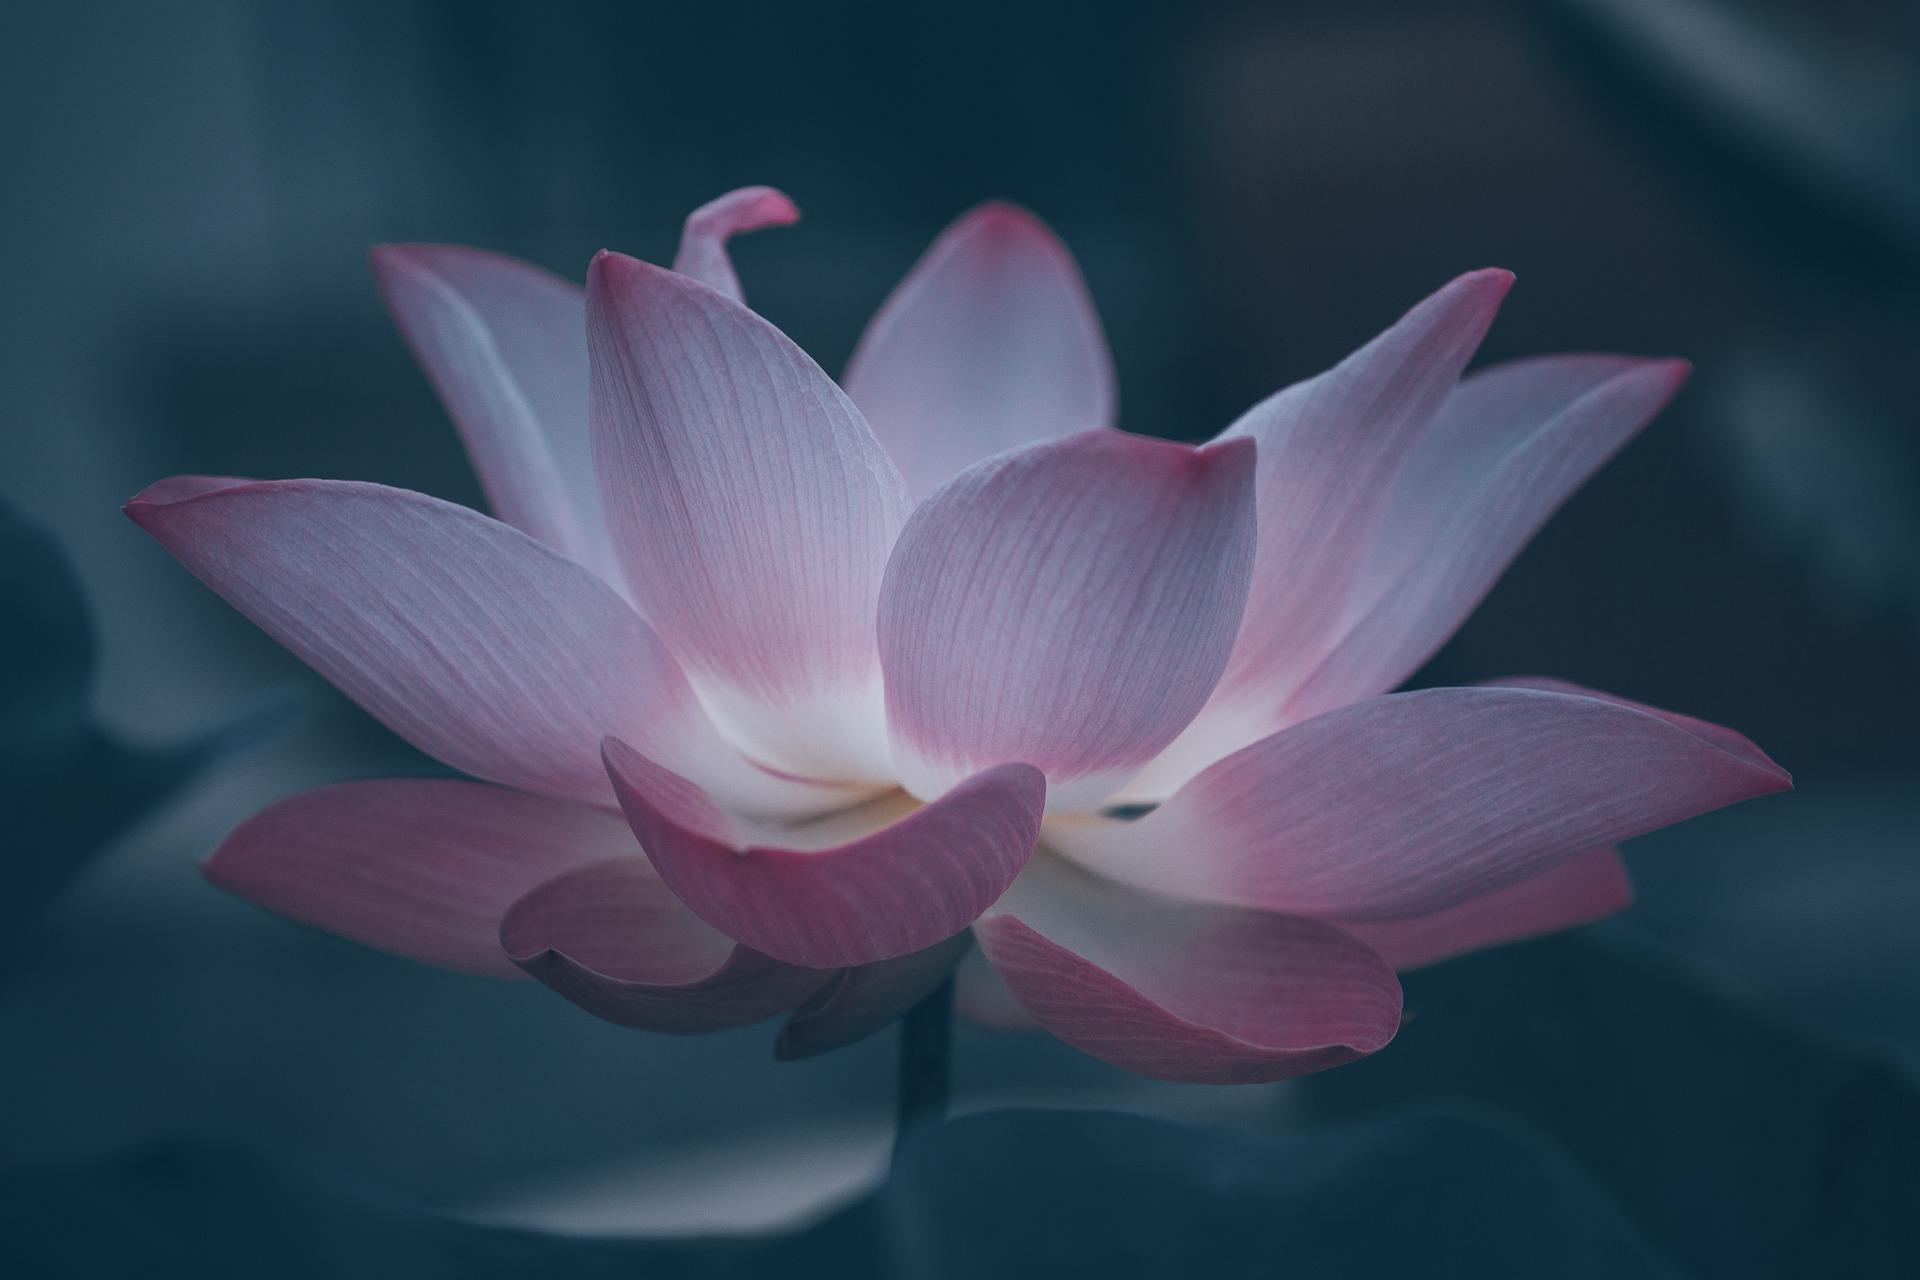 lotus-6474572_1920